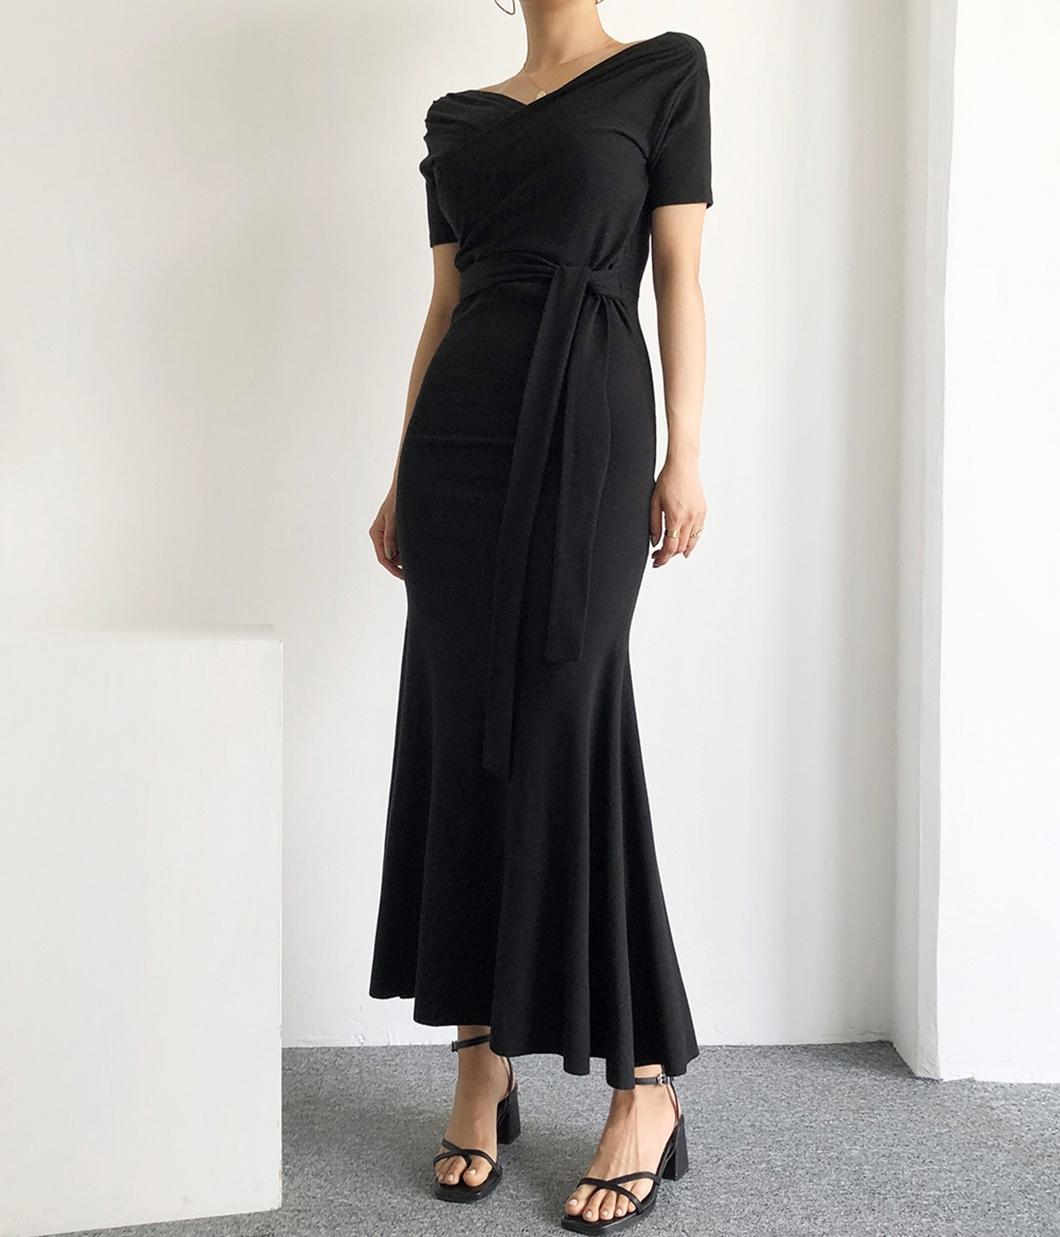 氣質剪裁都滿分的V領洋裝